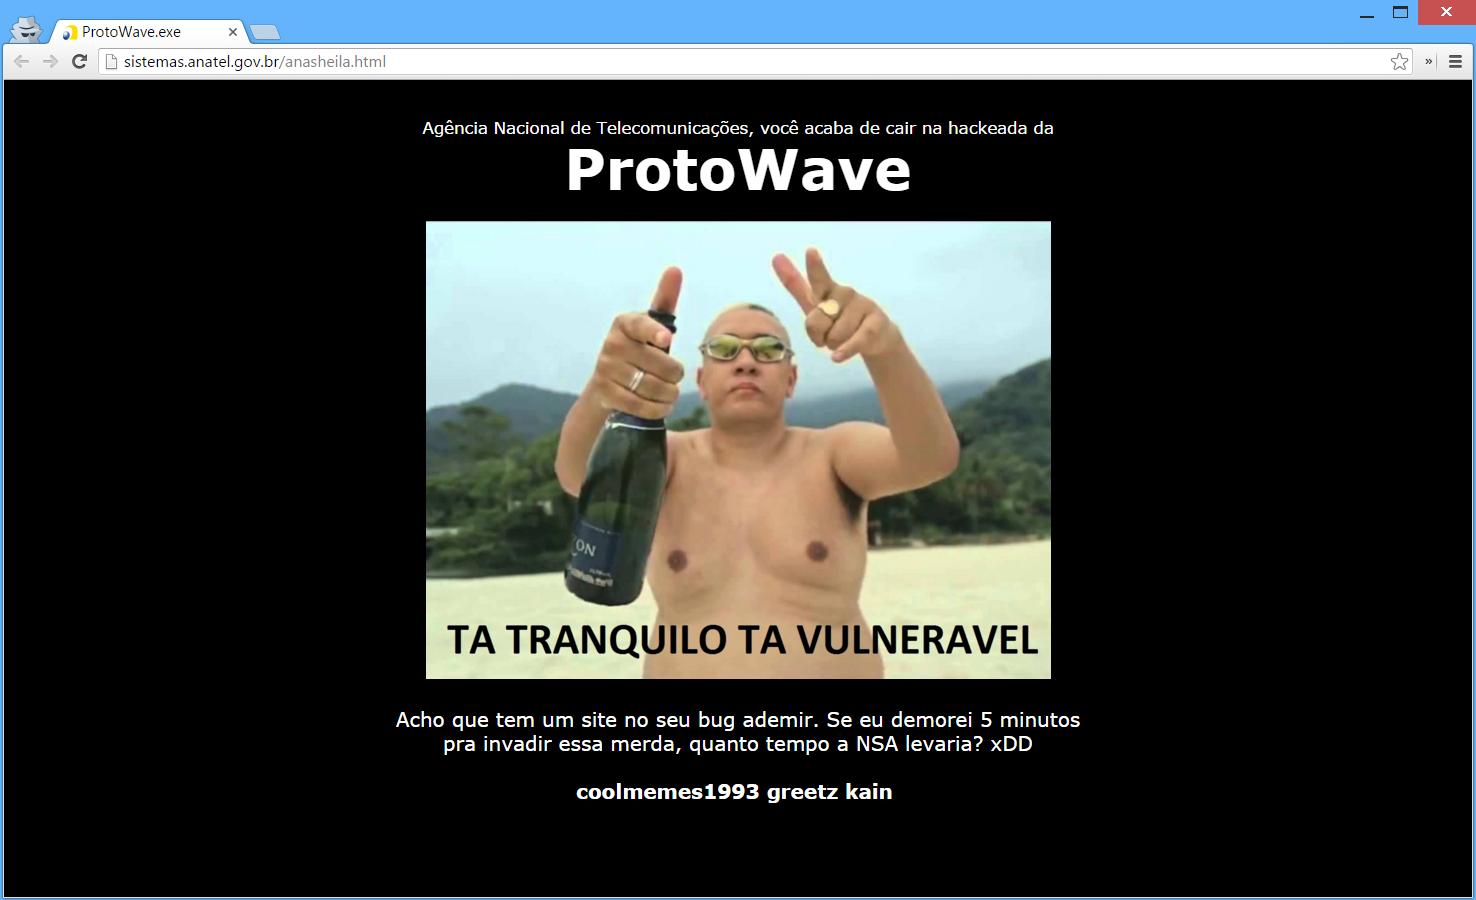 Hackers invadem site da Anatel para expor vulnerabilidade